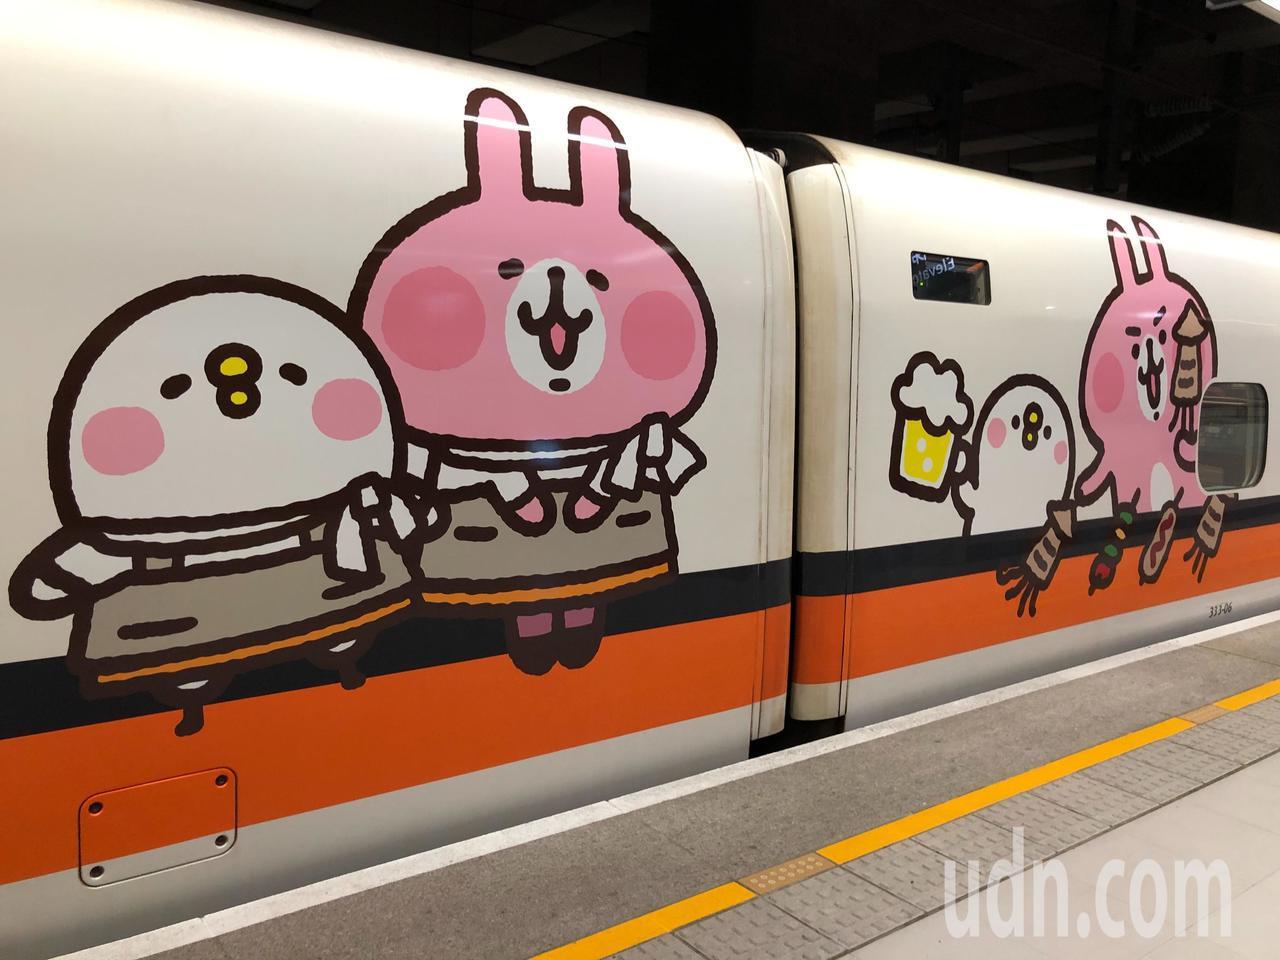 卡娜赫拉的小動物彩繪列車每節車廂都有不同意境。記者曹悅華/攝影